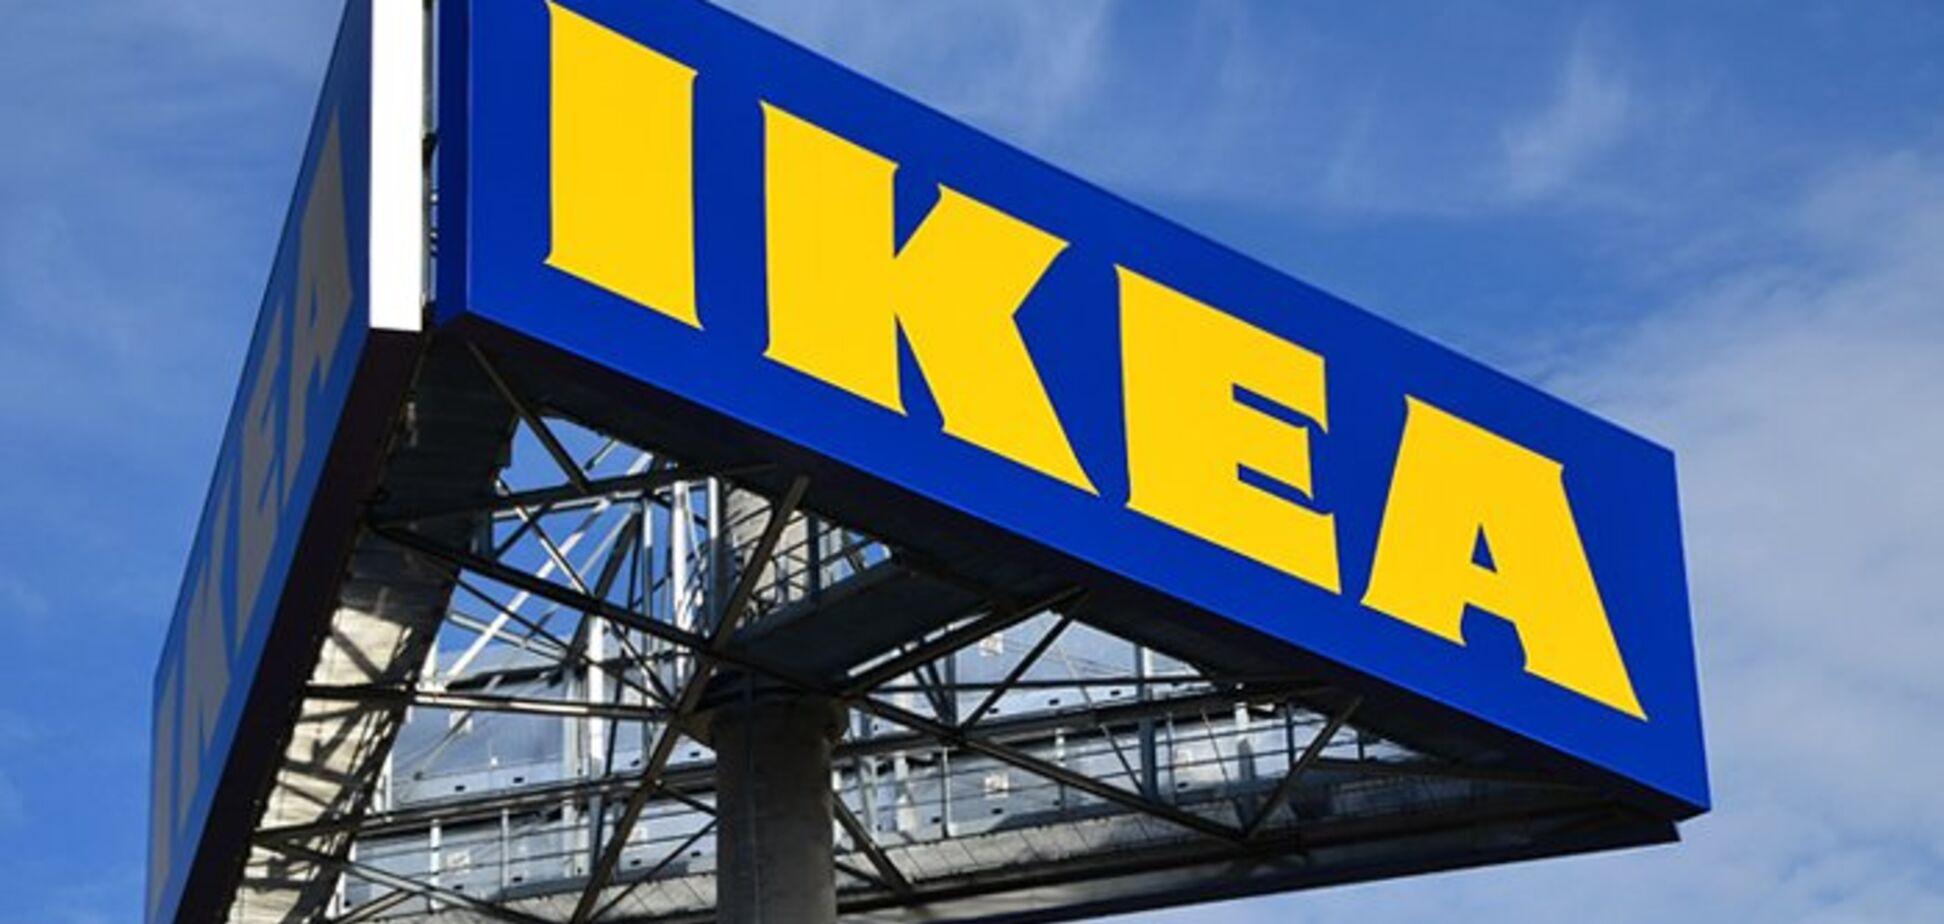 Обратного пути нет: что означает появление IKEA в Украине